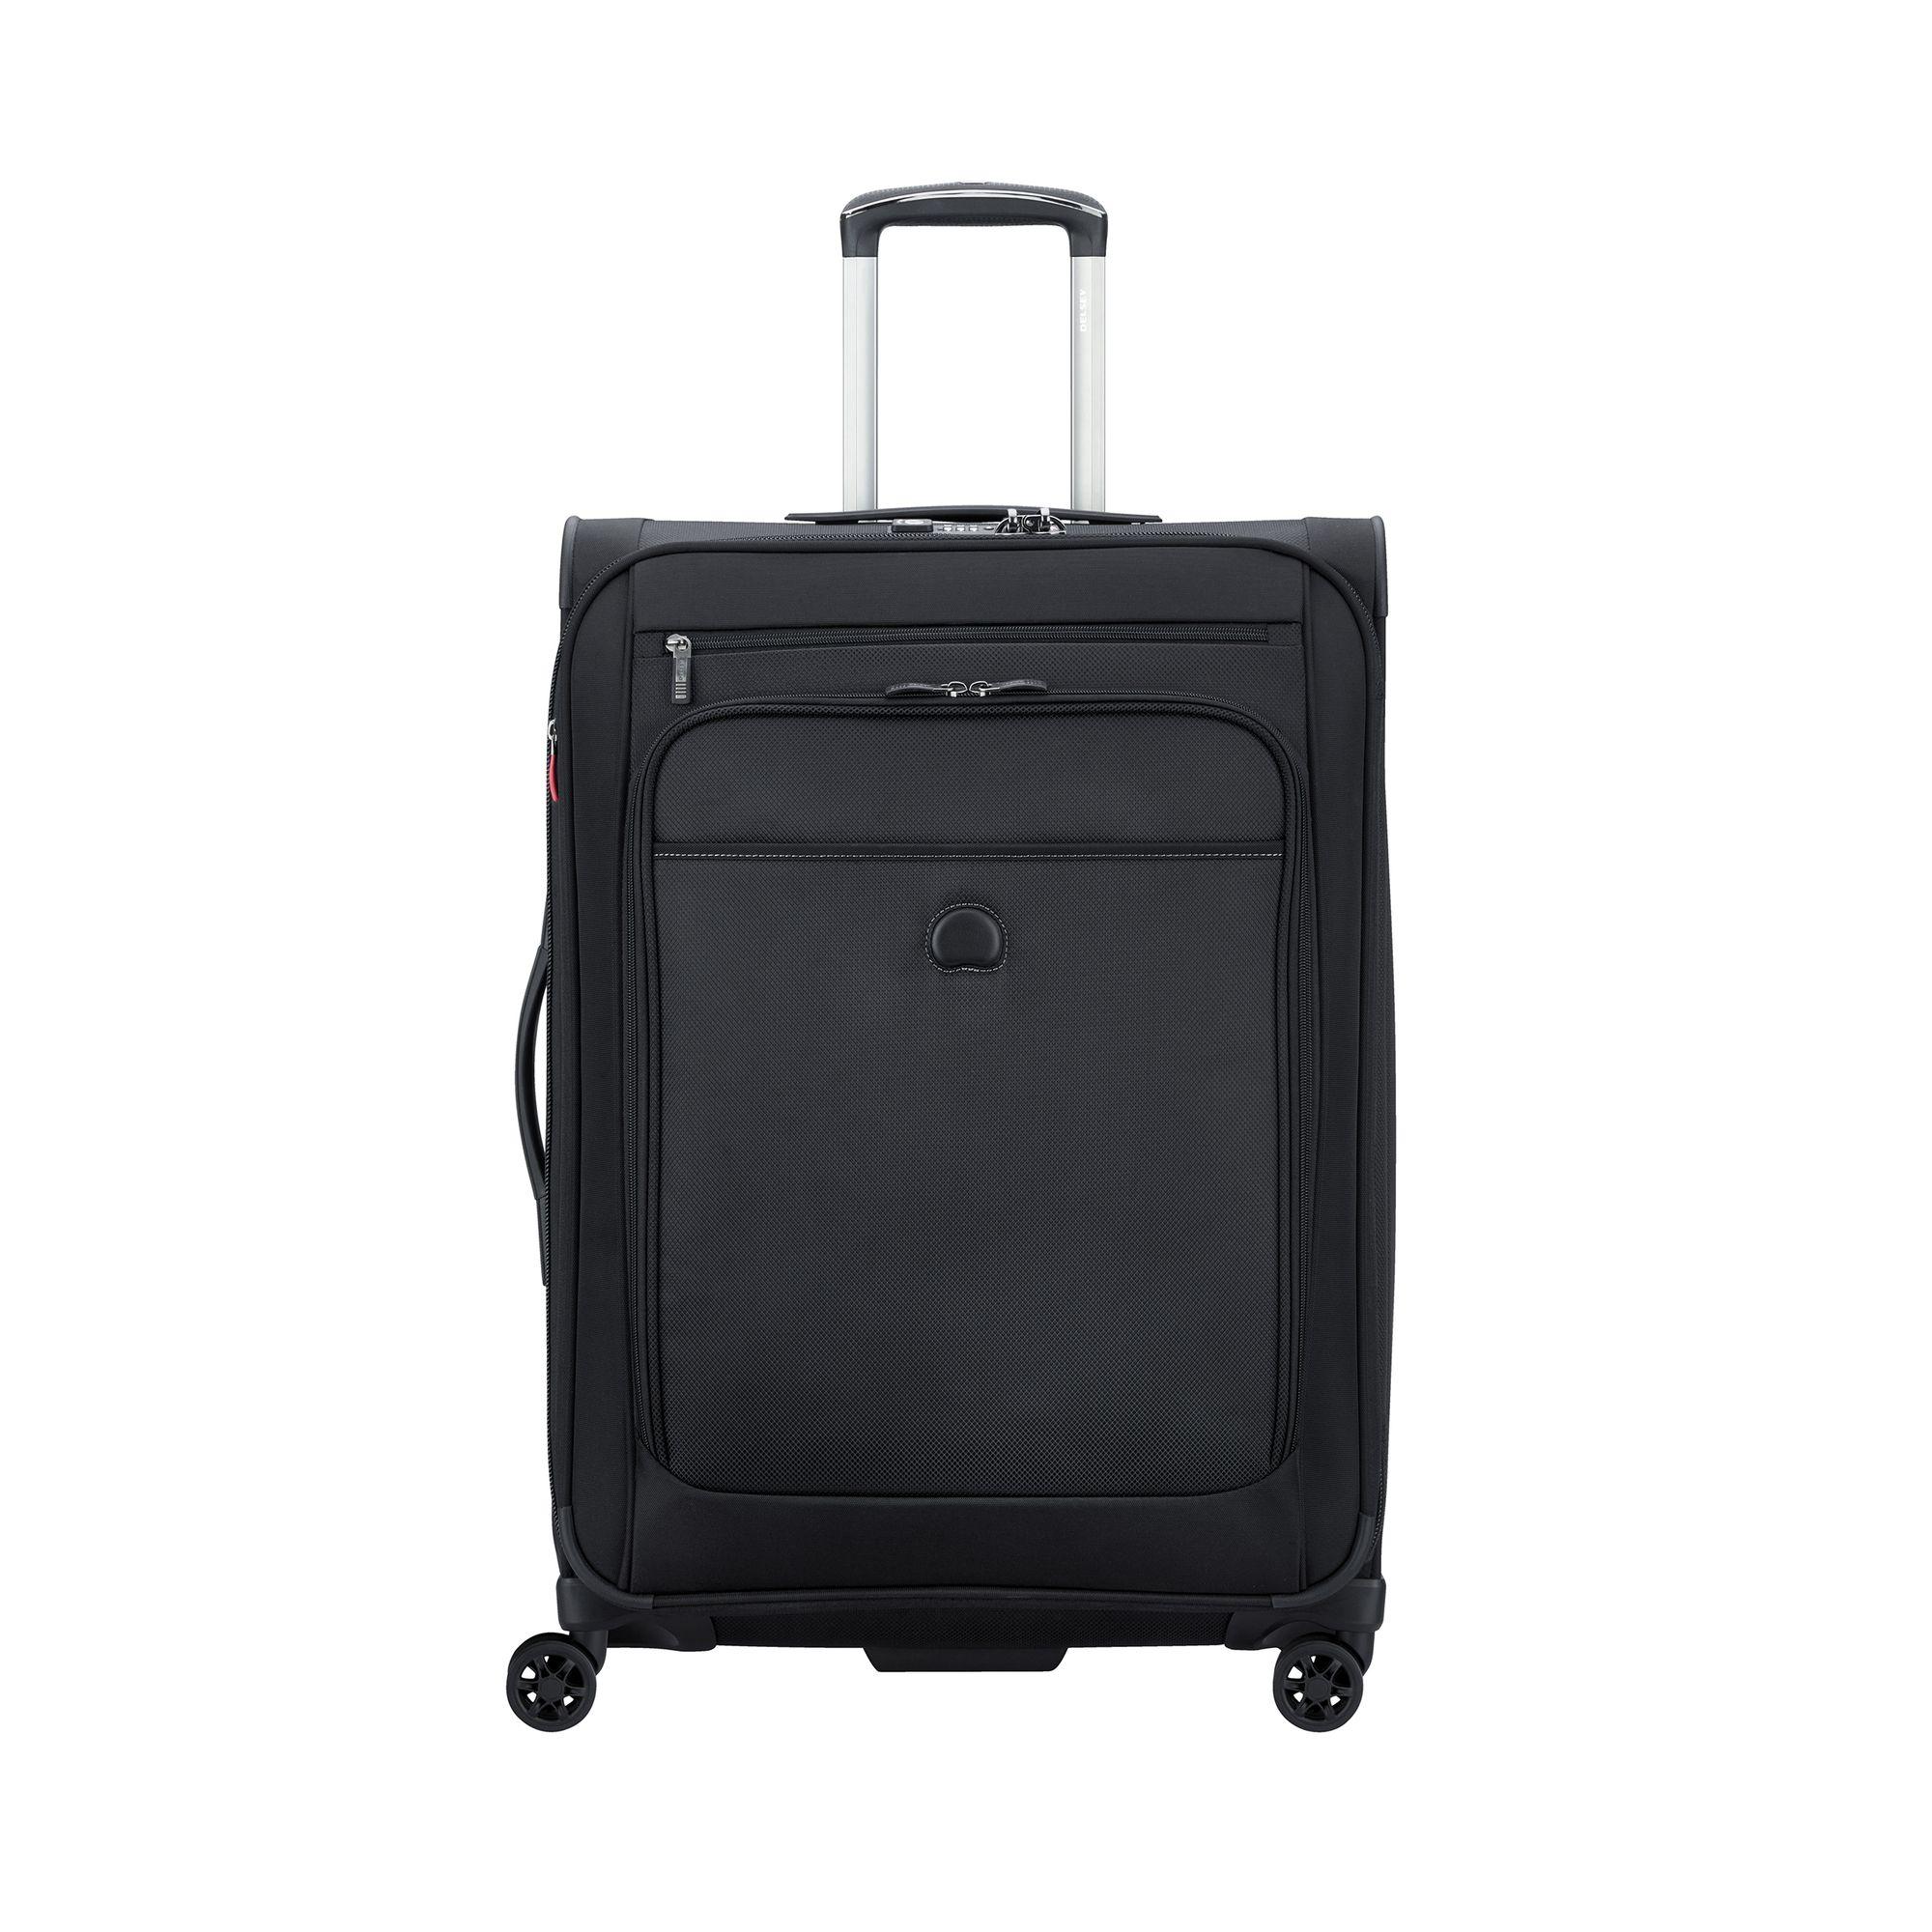 Delsey Pilot exapanderbar resväska, 4 hjul, 68 cm, Svart